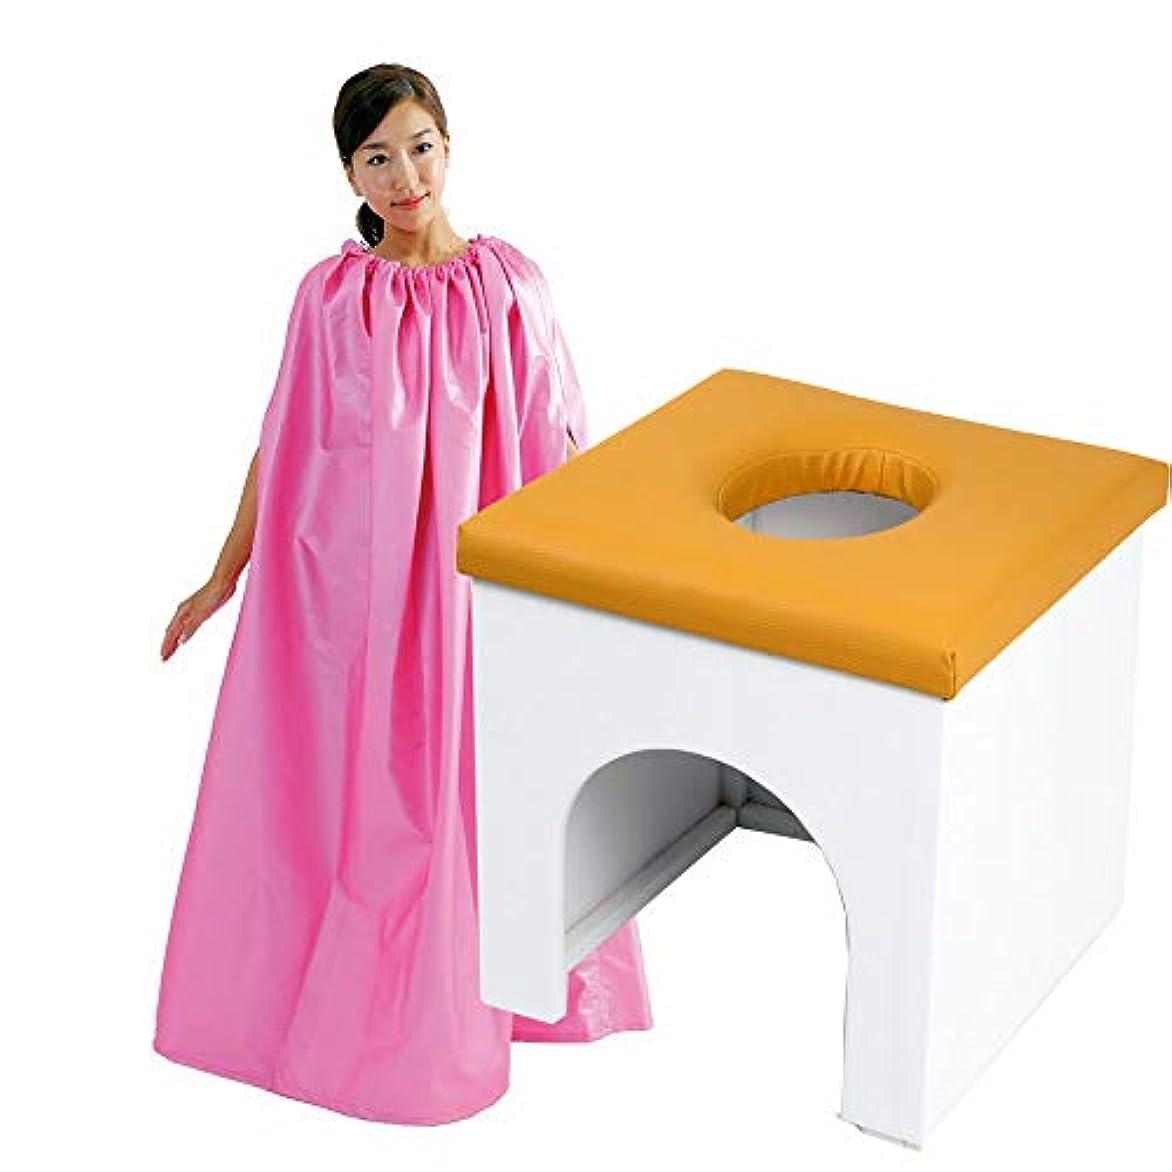 とんでもない自動再生可能【WM】まる温よもぎ蒸し【白椅子(マスタードシート)セット】専用マント?薬草60回分?電気鍋【期待通りの満足感をお届けします!】/爽やかなホワイトカラーで、人体に無害な塗装仕上げで通常の椅子より長持ちします (ピンク)